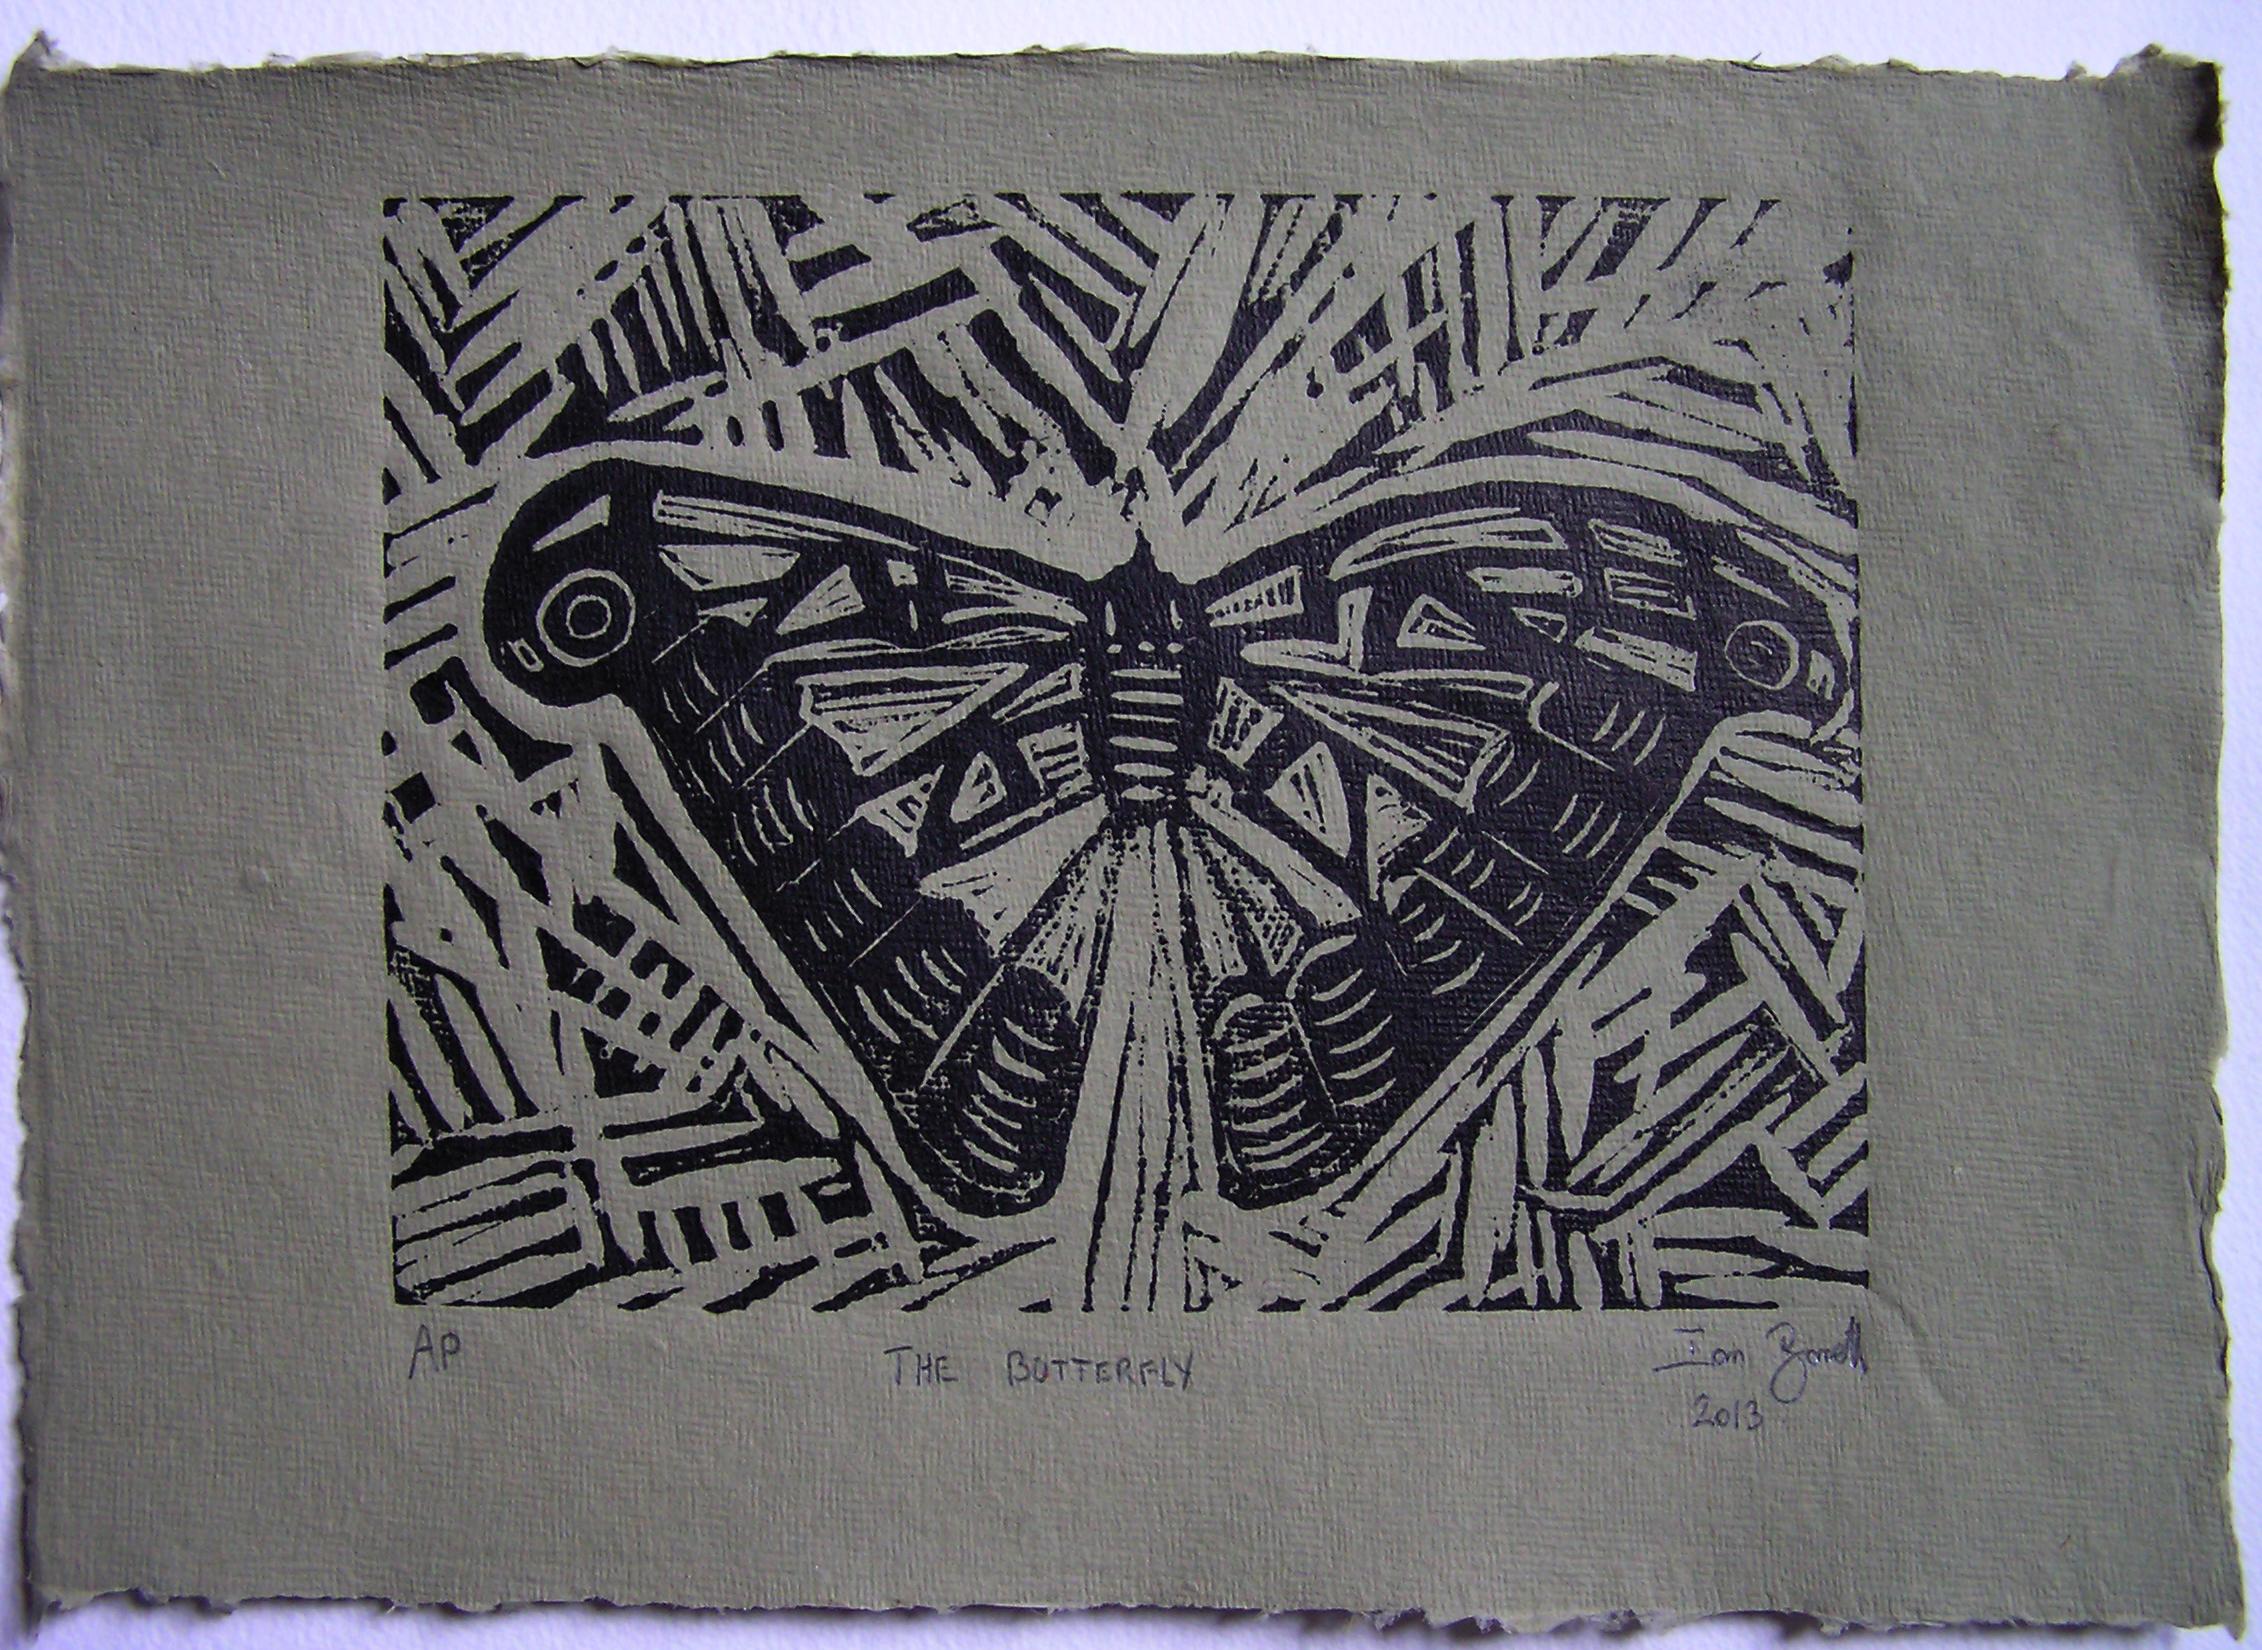 The Butterfly A4 Linocut Artists Proof On Green Handmade Paper Ian Barrett Art